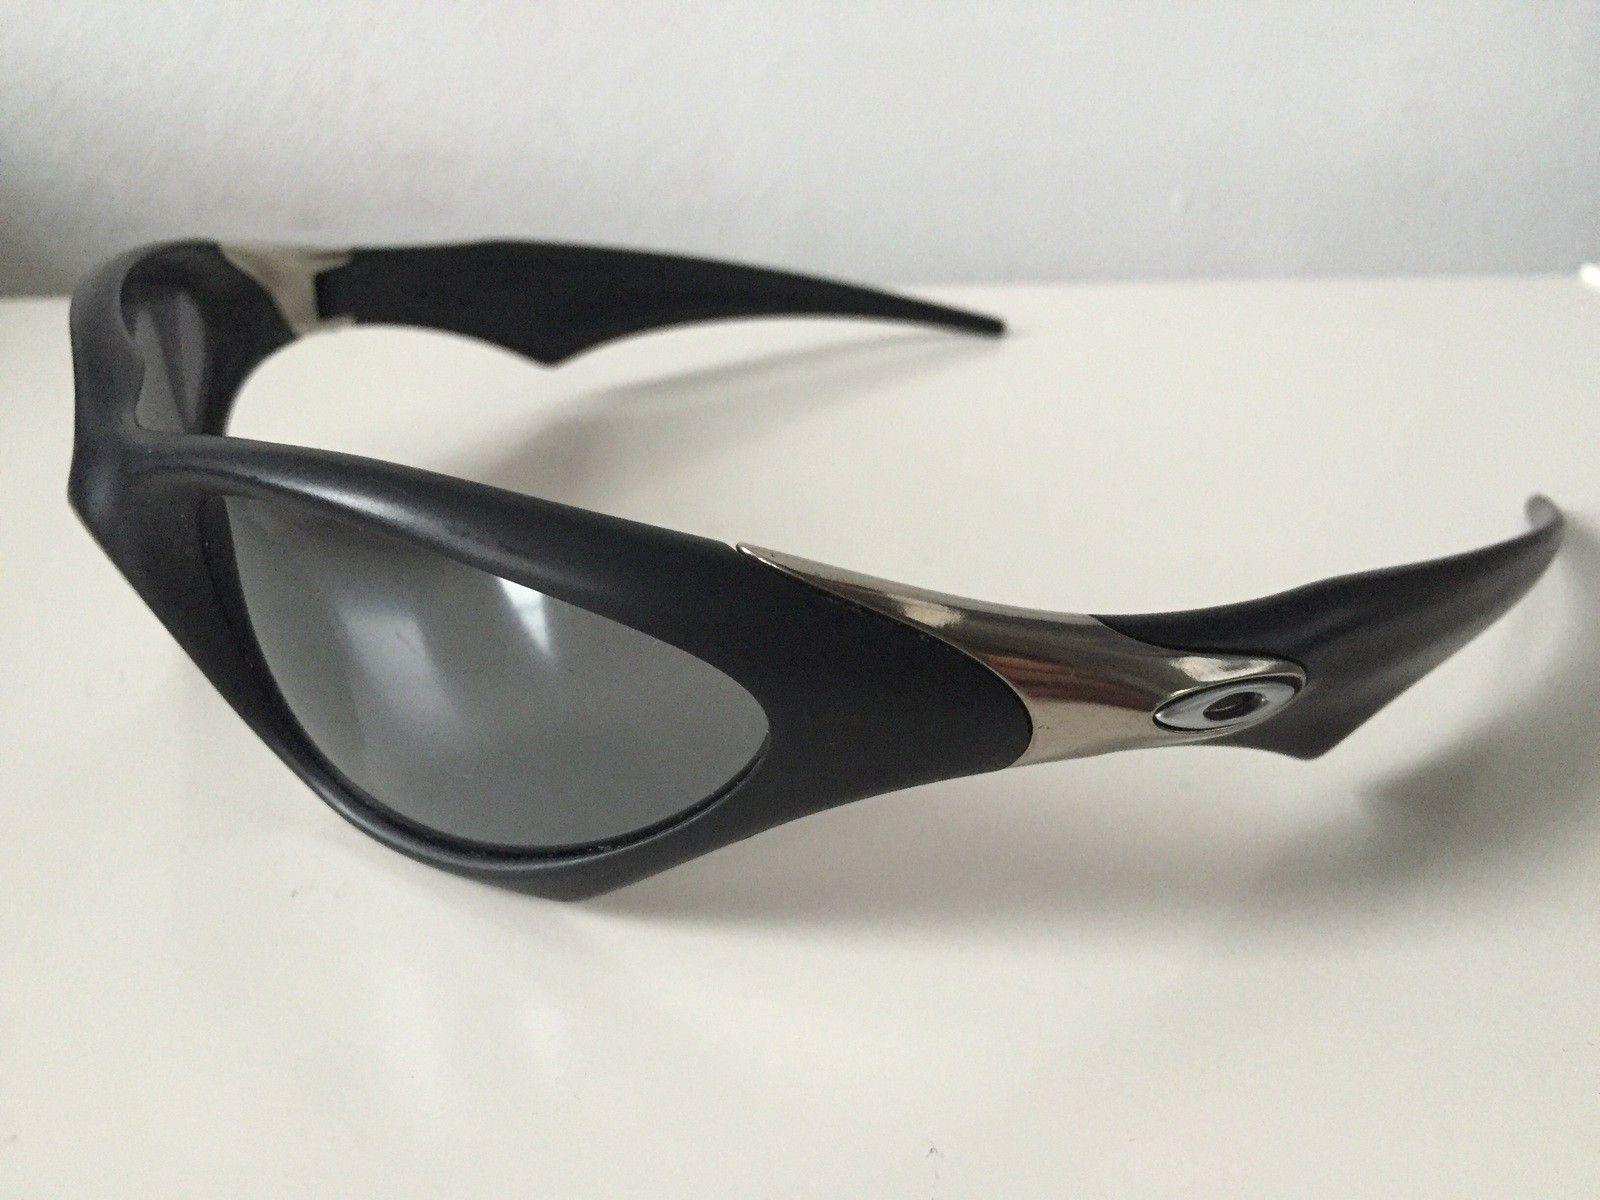 ced246df87c5f Scar-iridium Oakley